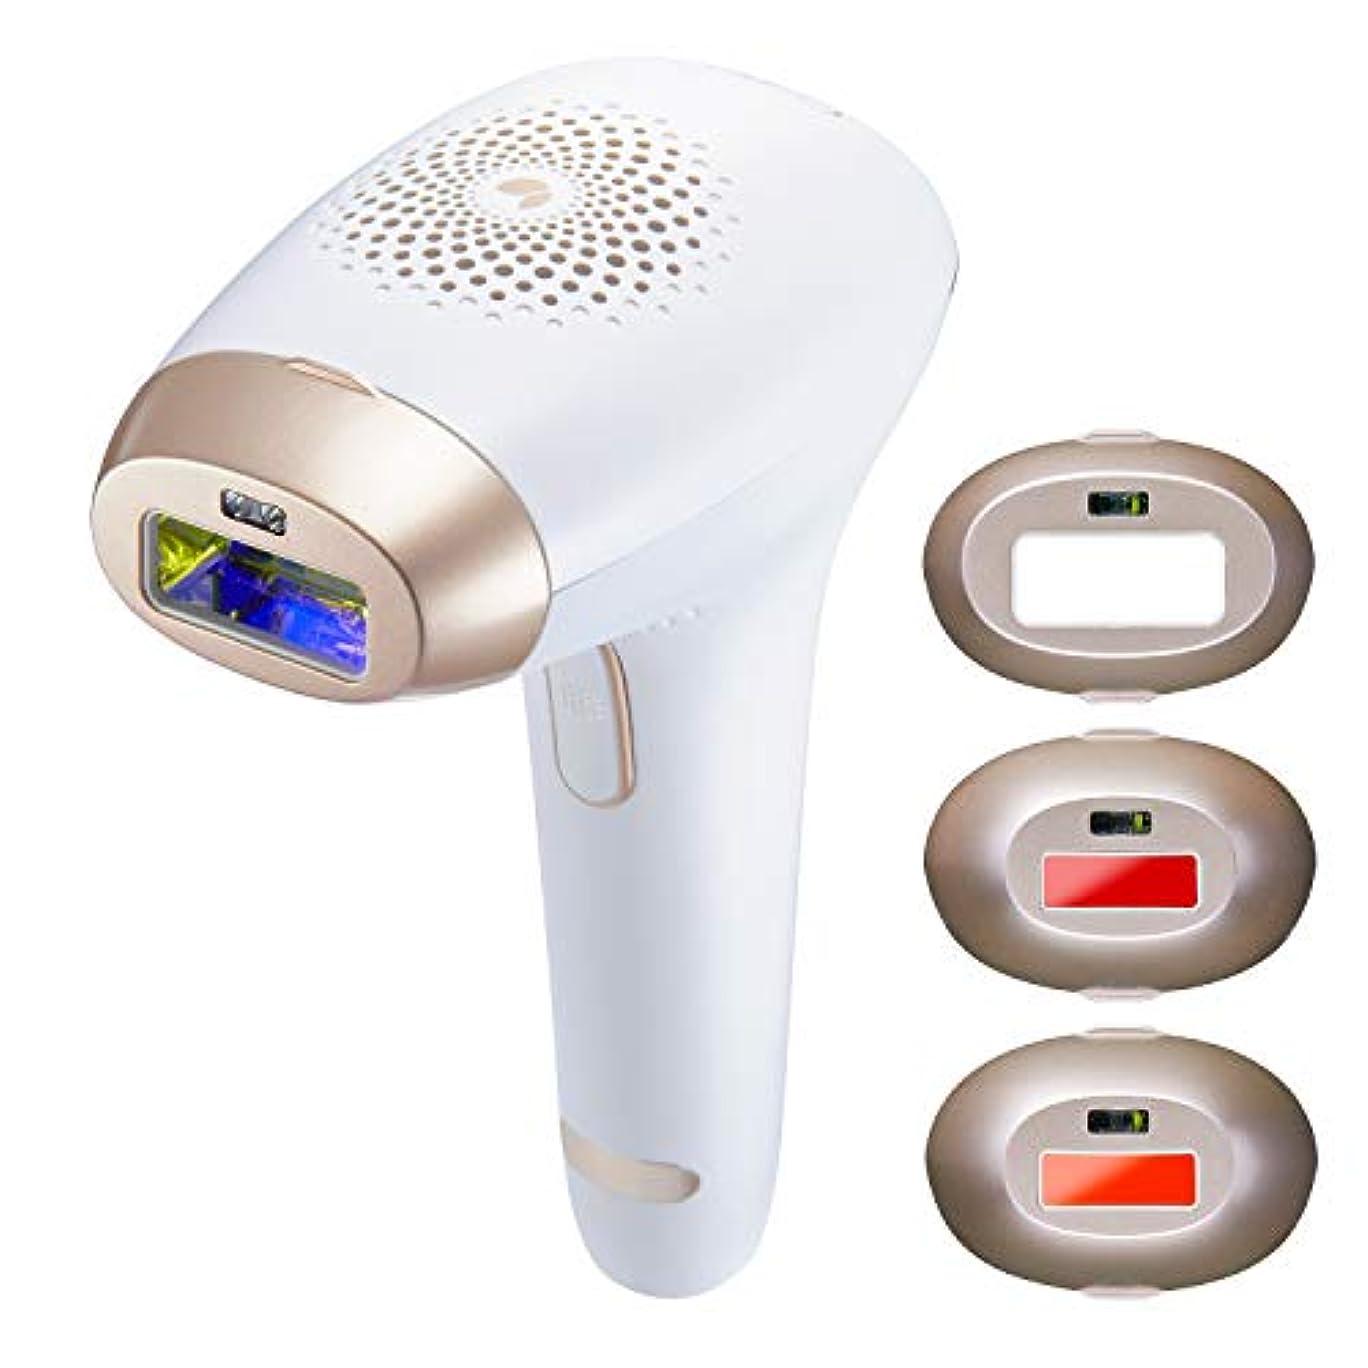 フェードアウト常にグリットCOSBEAUTY IPL光美容器 Joy Version CB-027-W01 30万回照射 1年保証 コスビューティー パーフェクトスムース